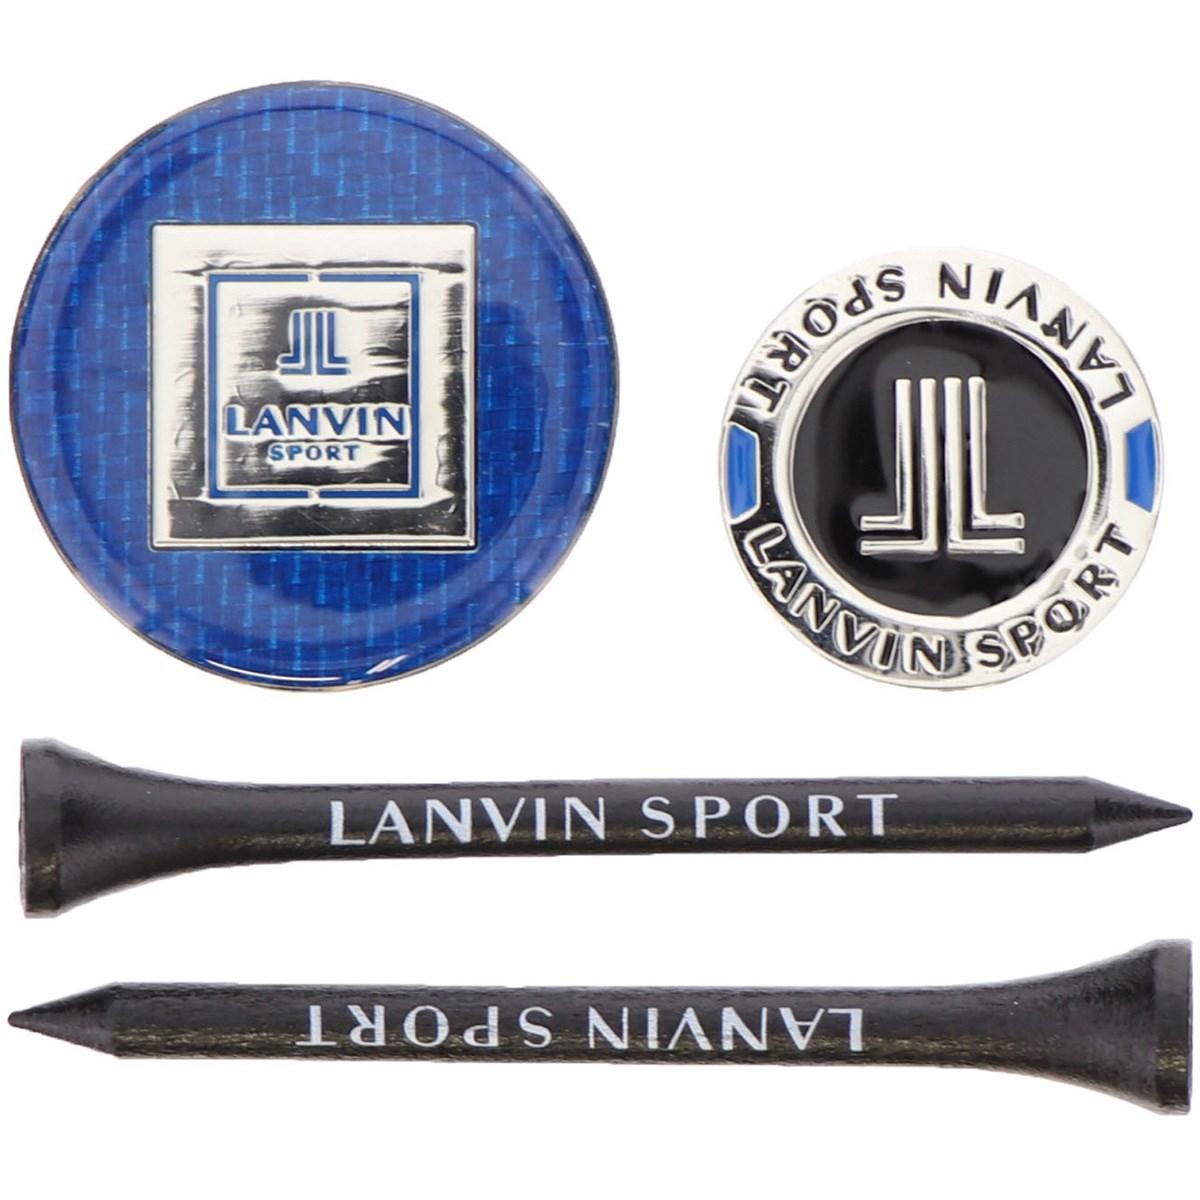 ランバン スポール(LANVIN SPORT) マーカー&ティーセット